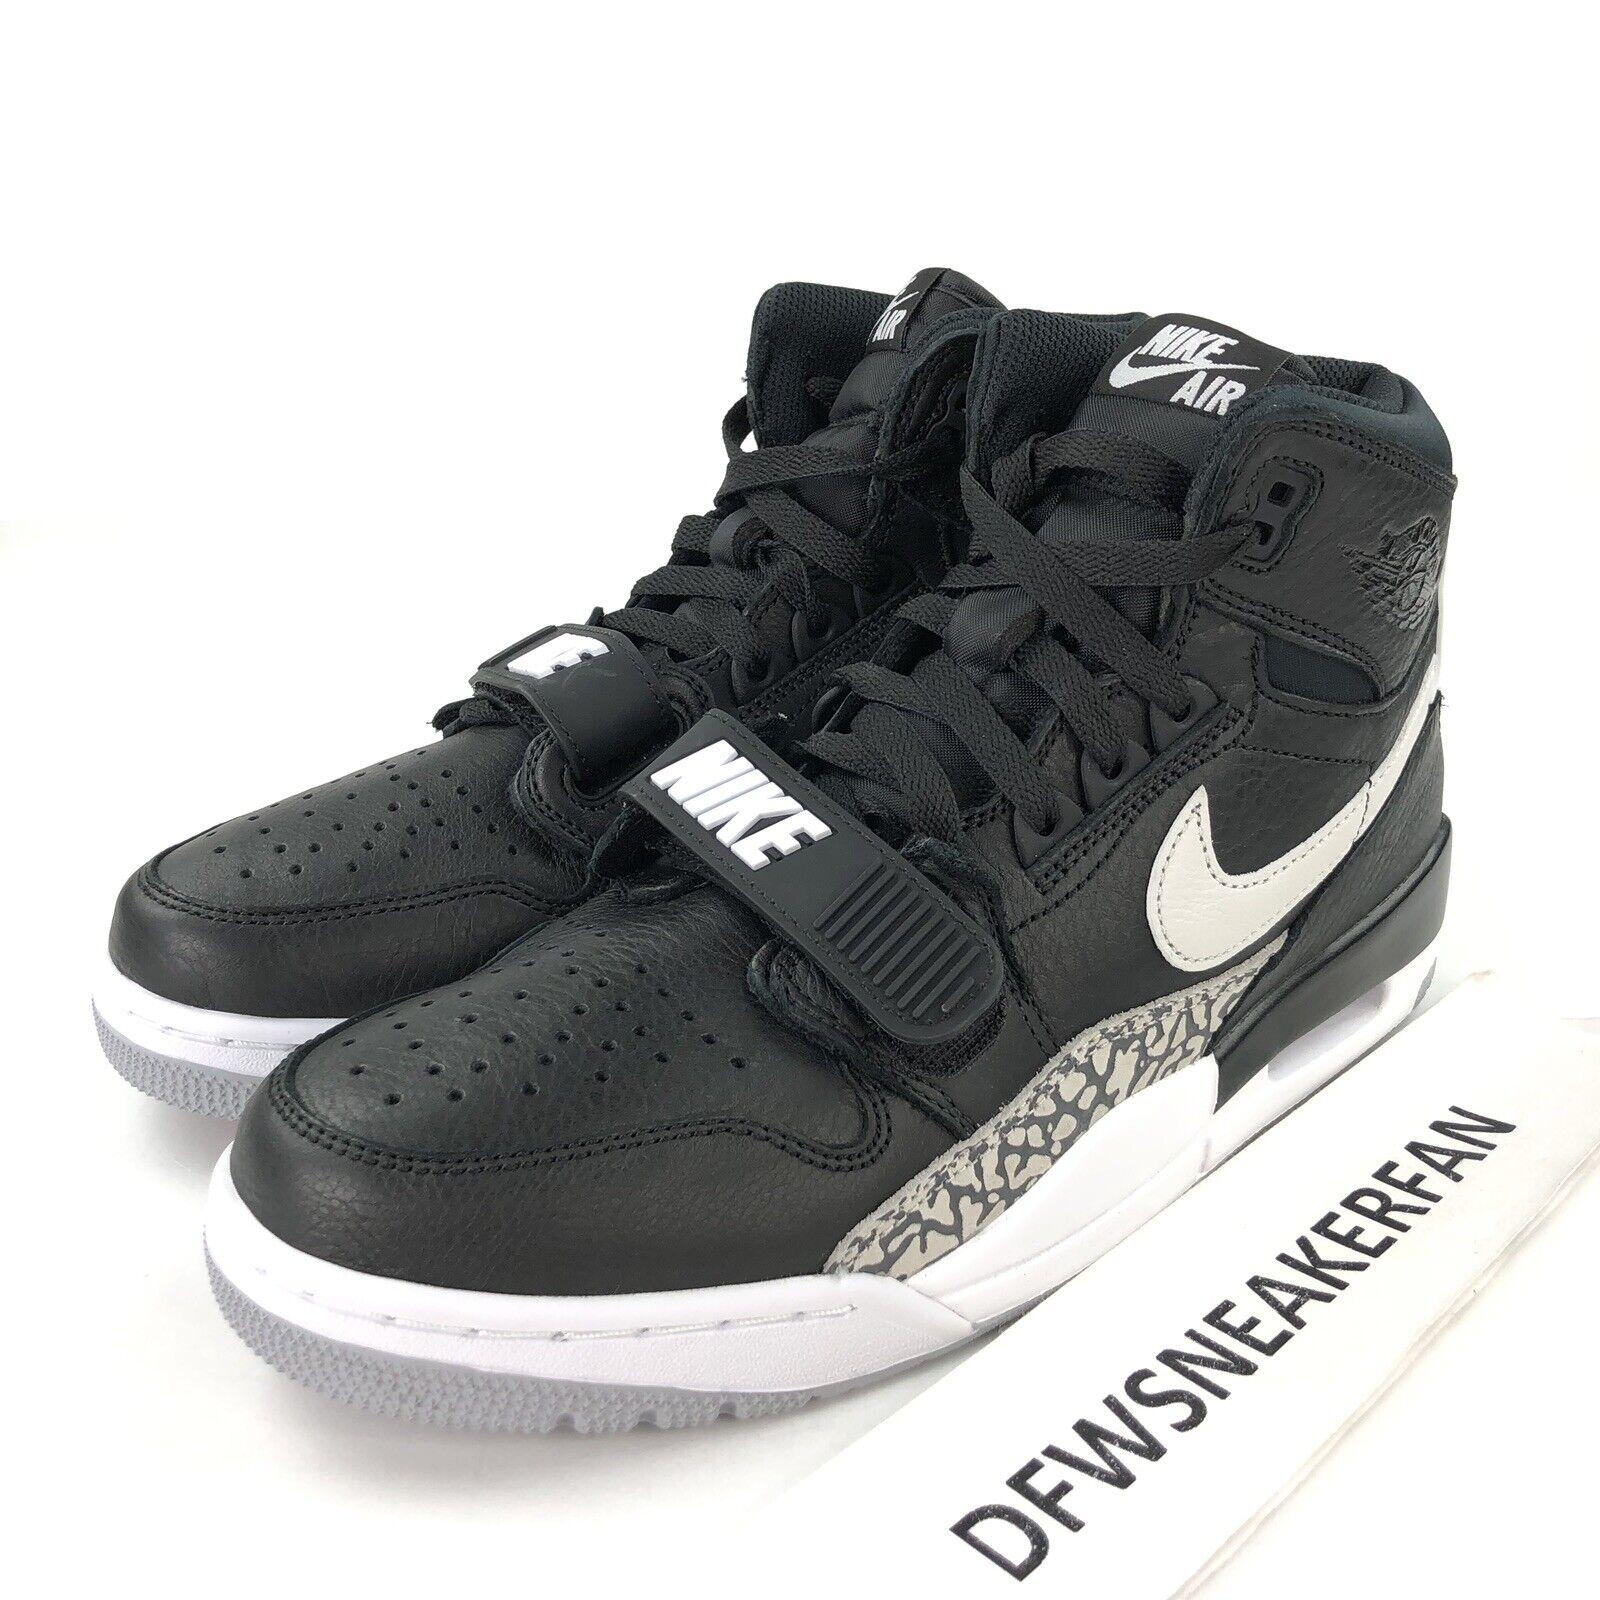 Nike Air Jordan Legacy 312 Men's 10 Black White Cement AV3922 001 Basketball